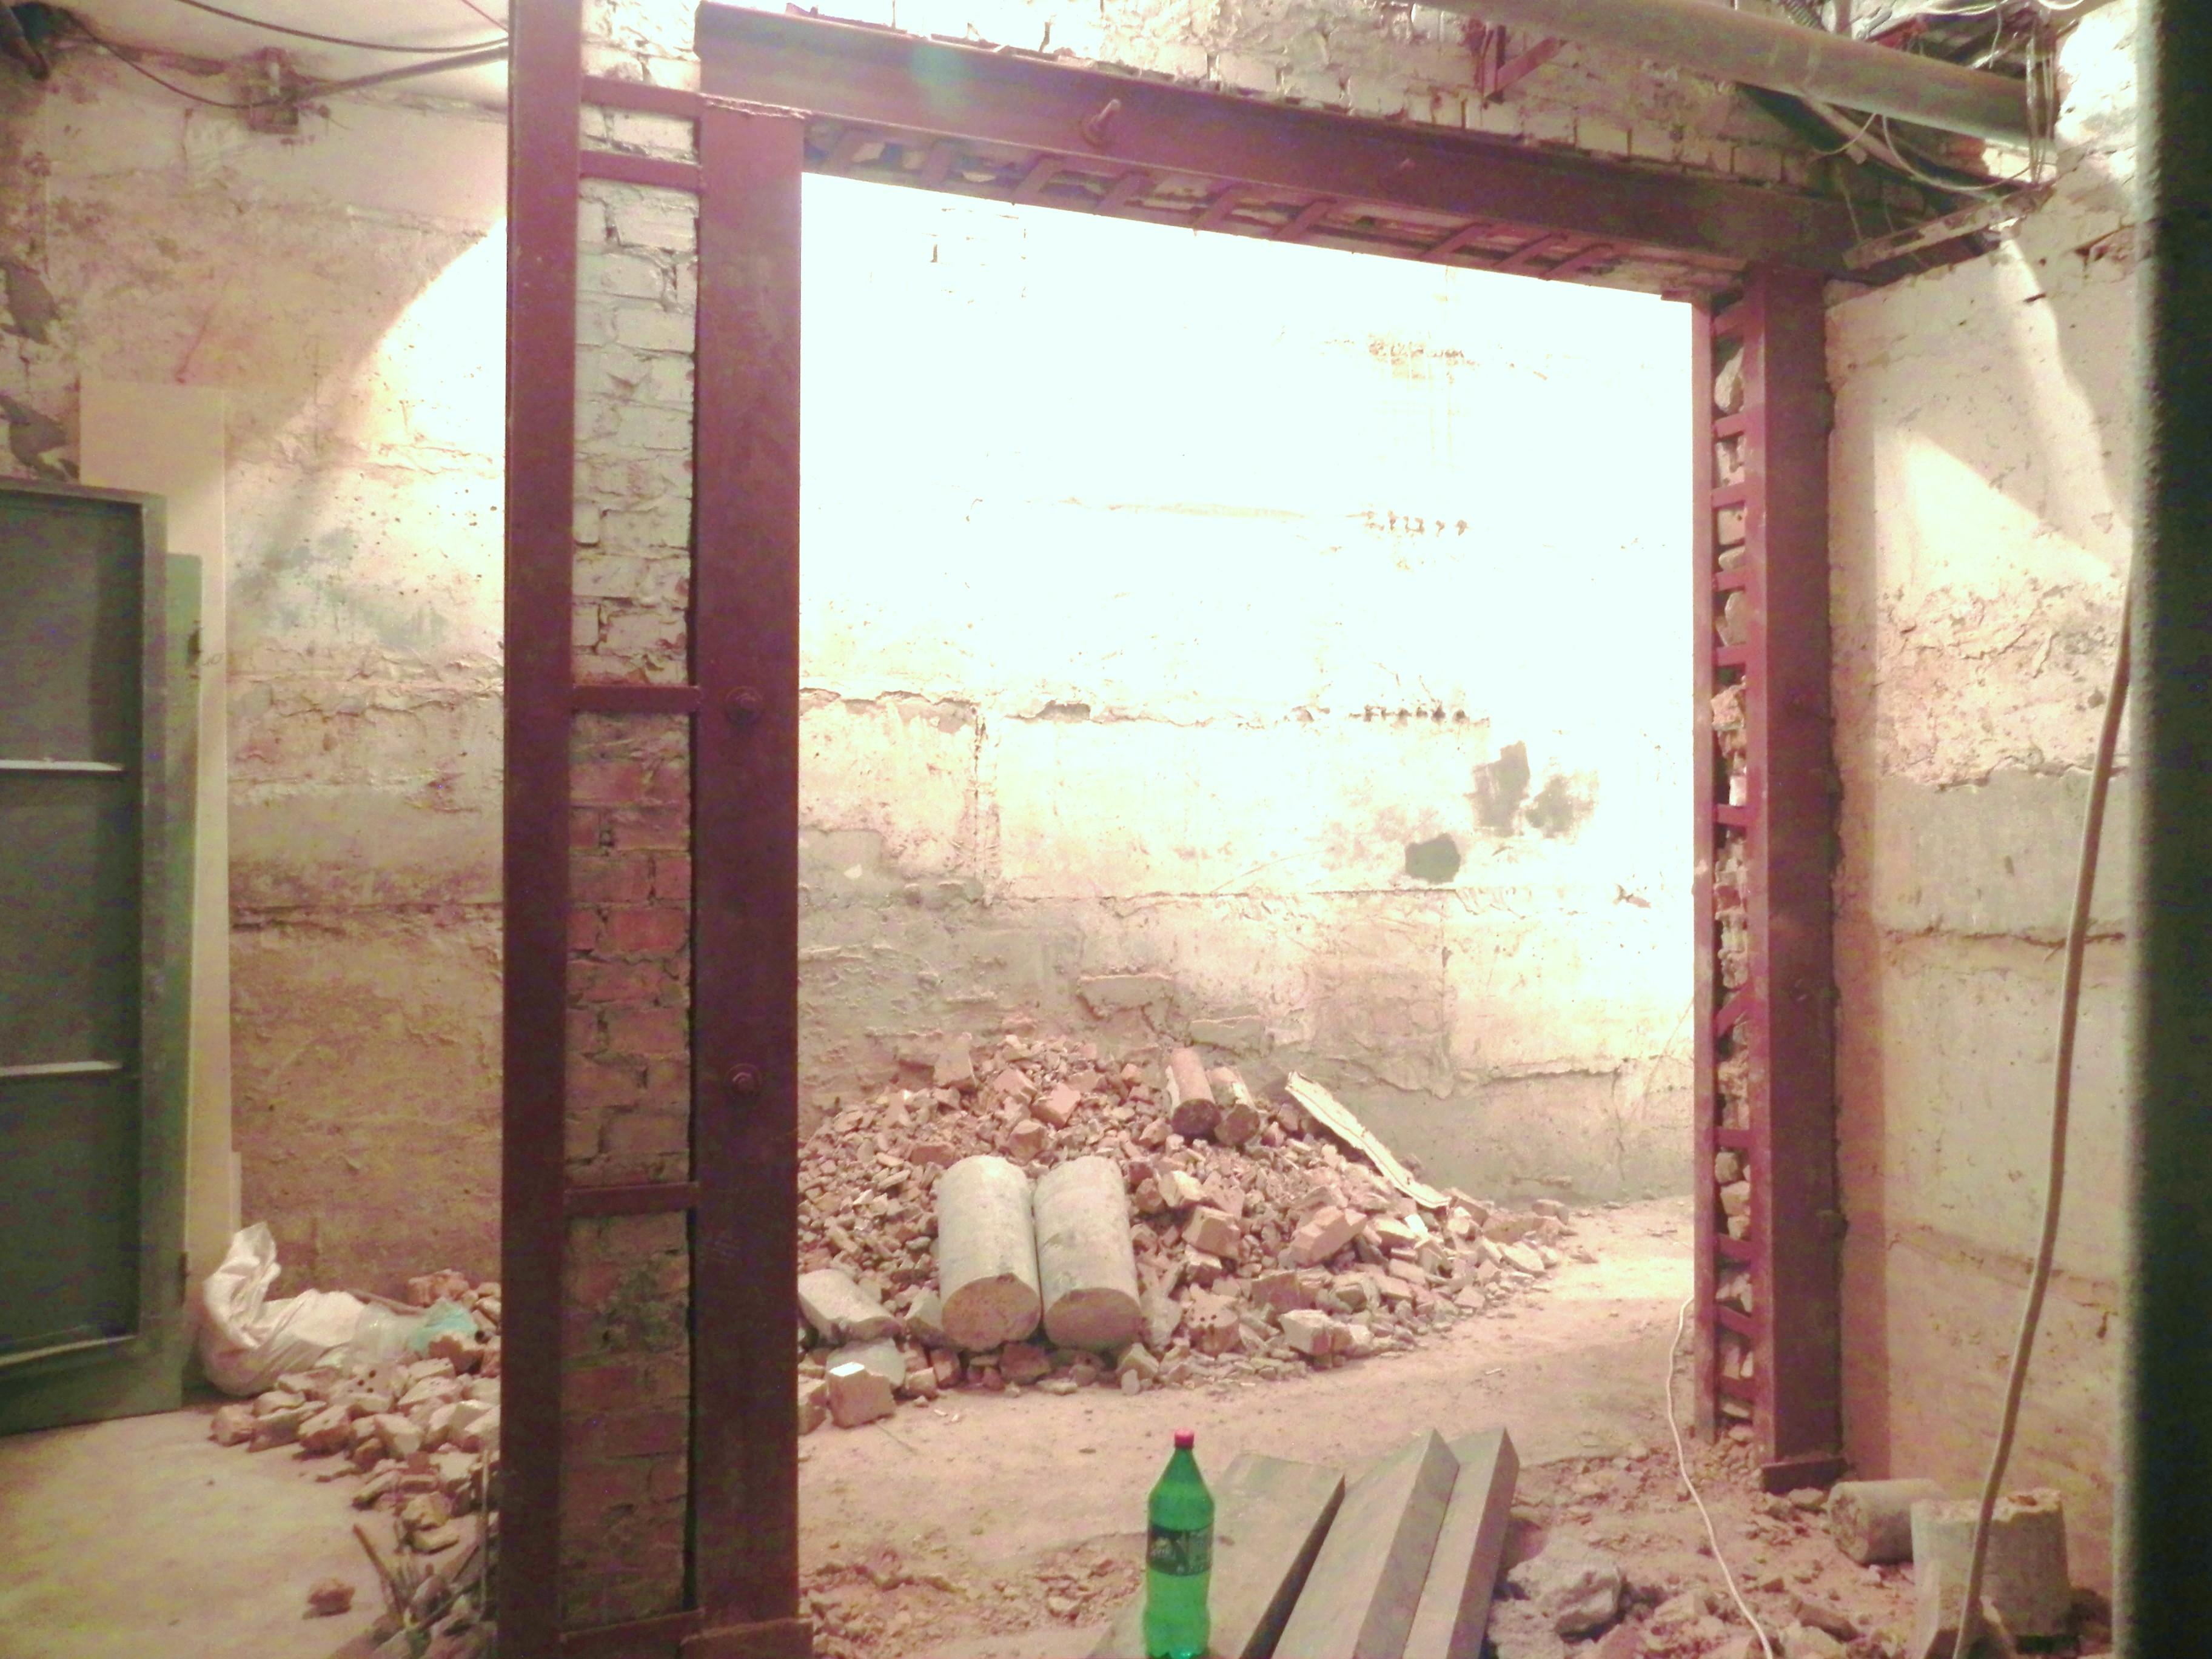 резка панелей, Резка бетона, резка железобетона, демонтаж бетона, бурение отверстий в стенах